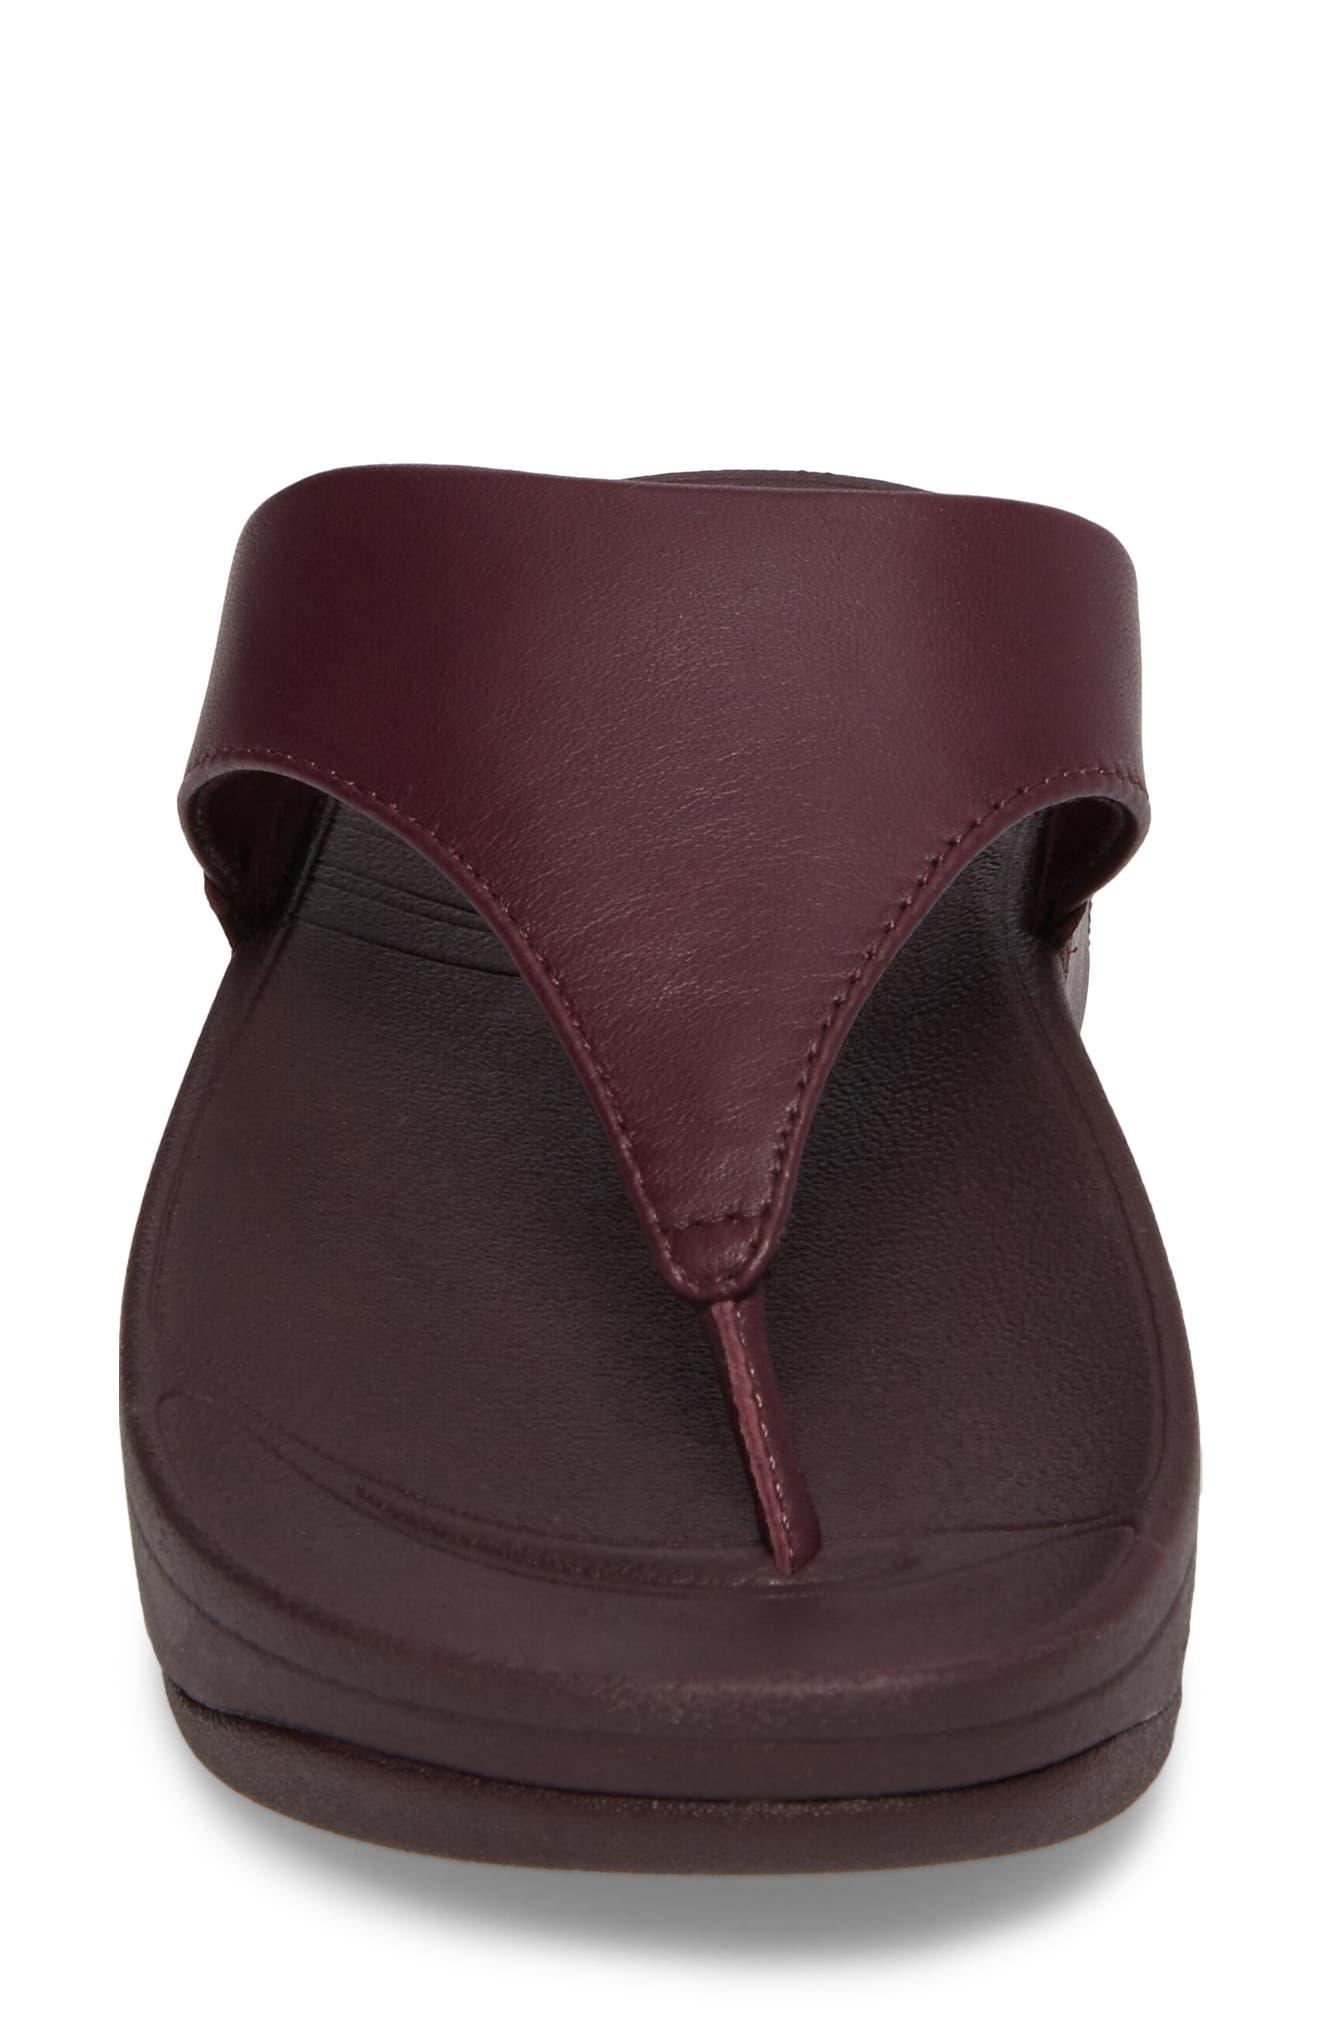 Lulu Sandal,                             Alternate thumbnail 4, color,                             Deep Plum Leather